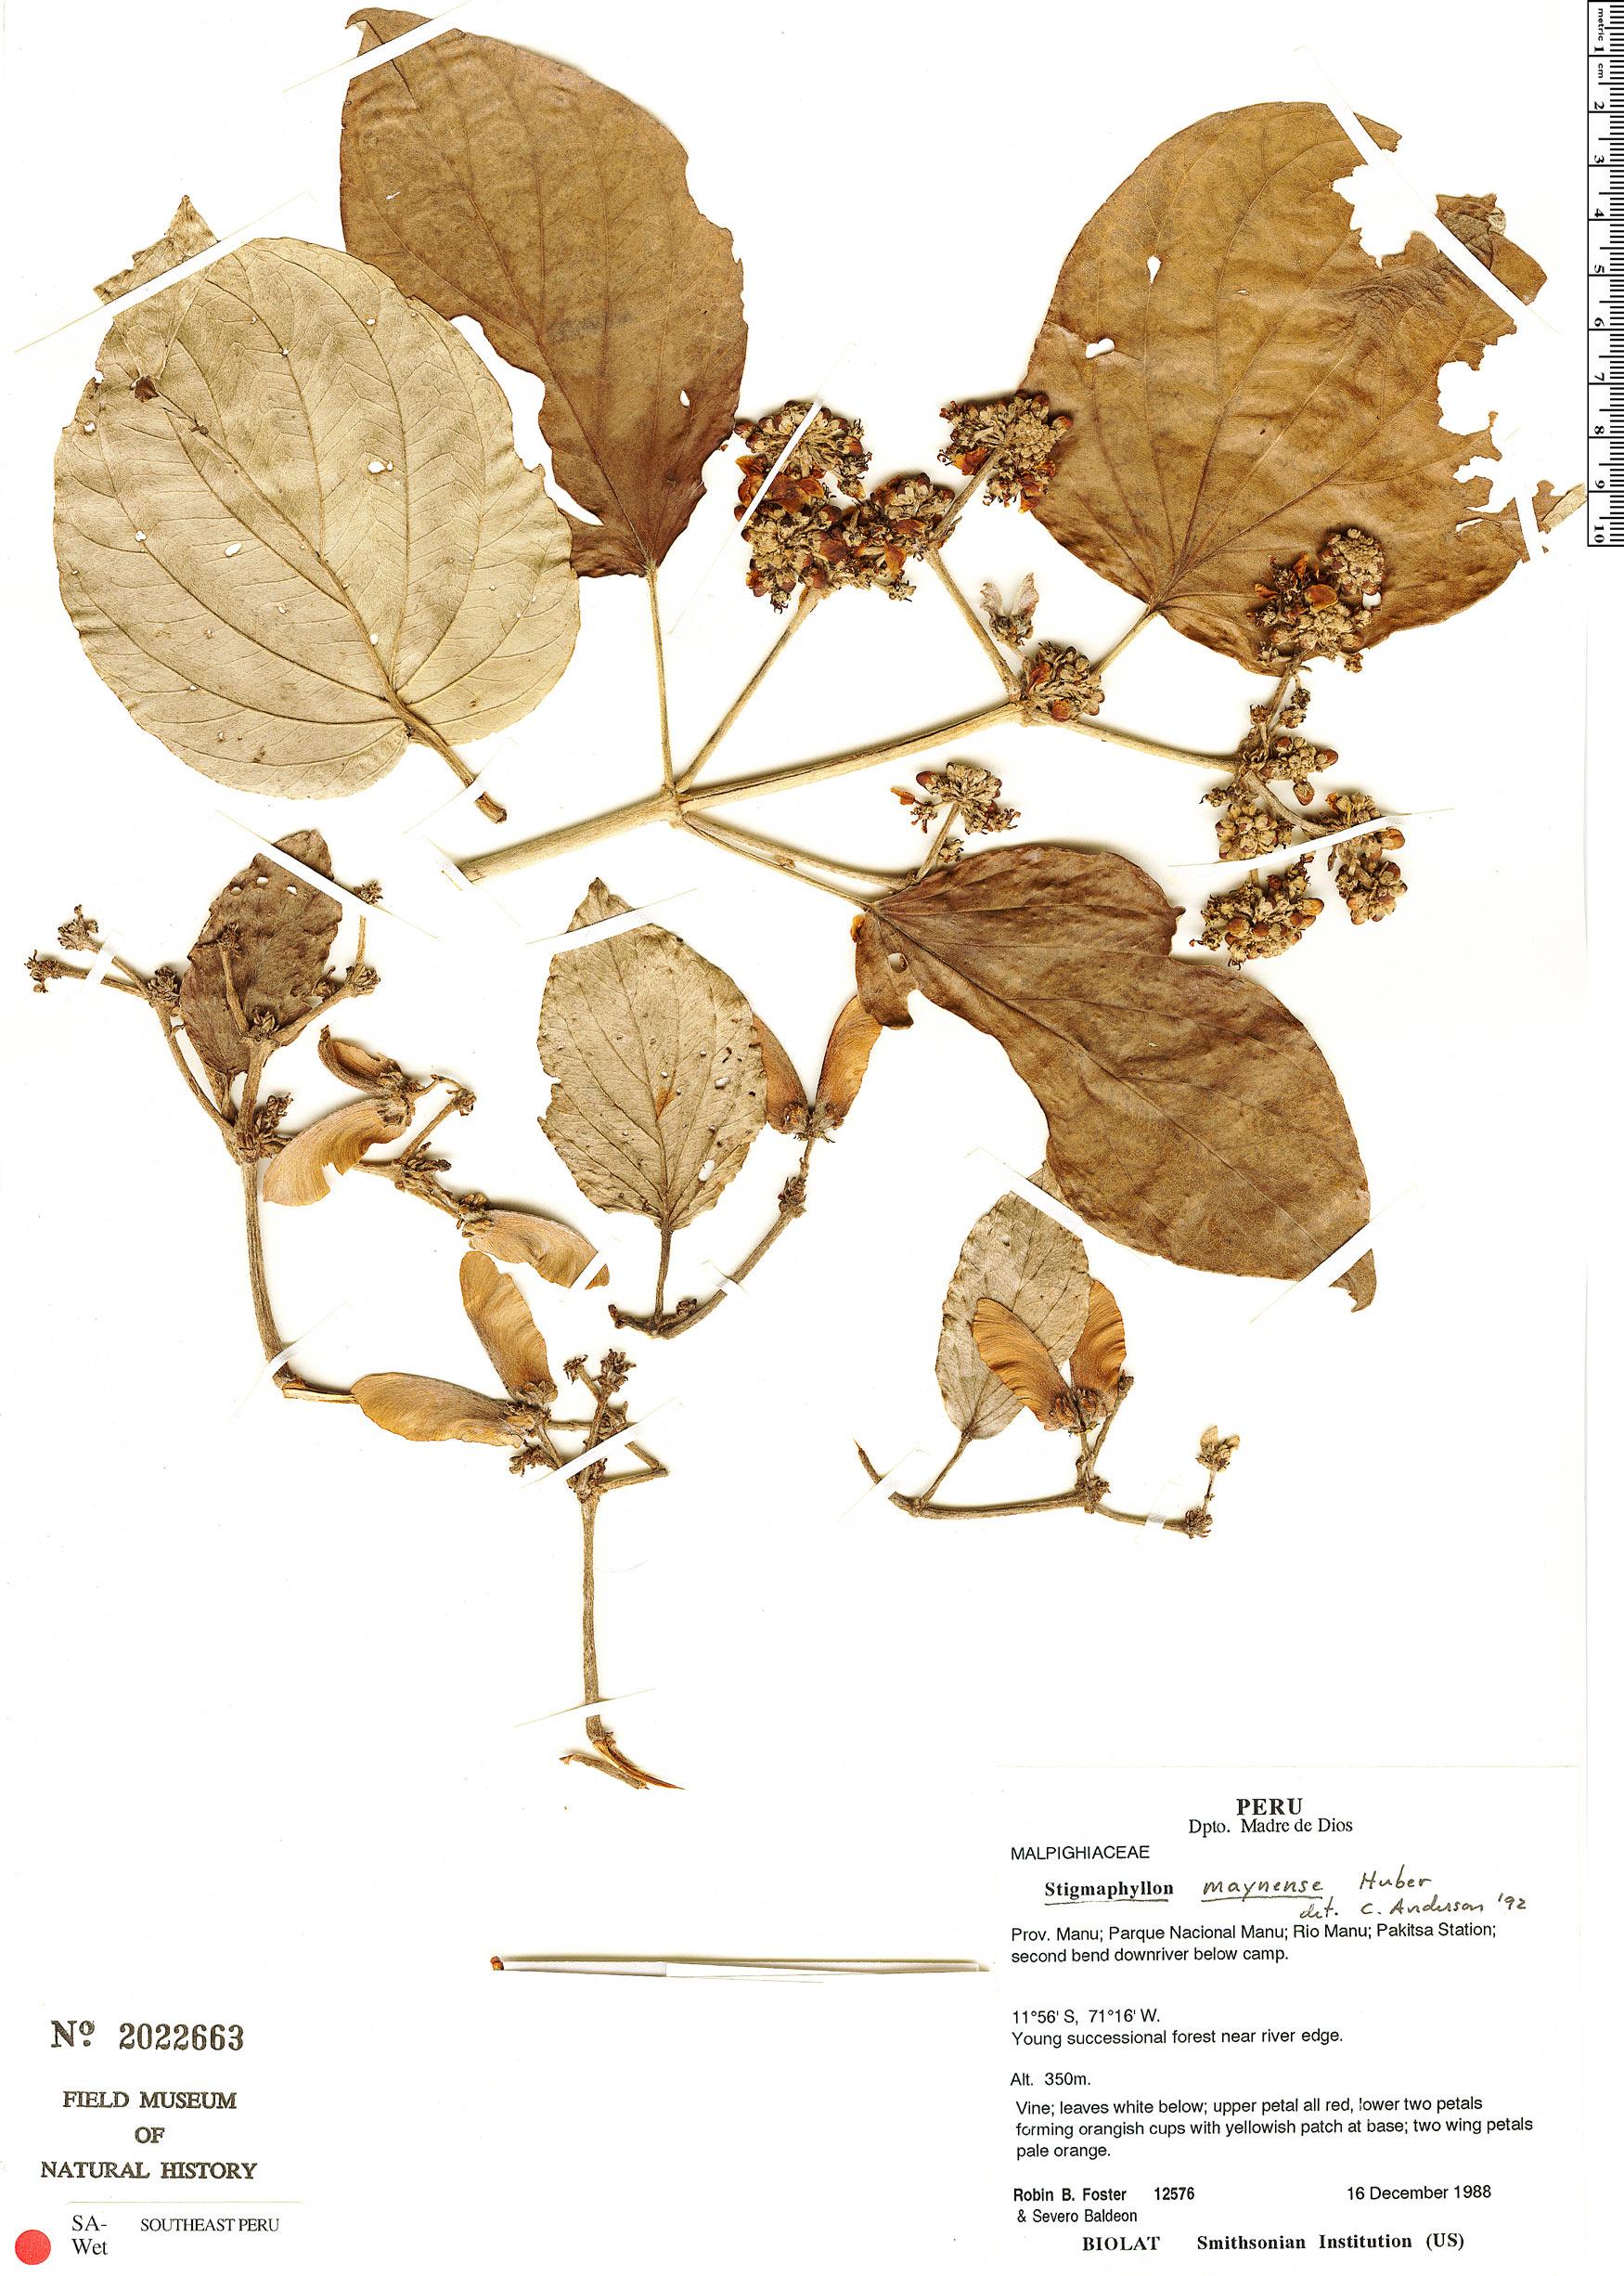 Specimen: Stigmaphyllon maynense